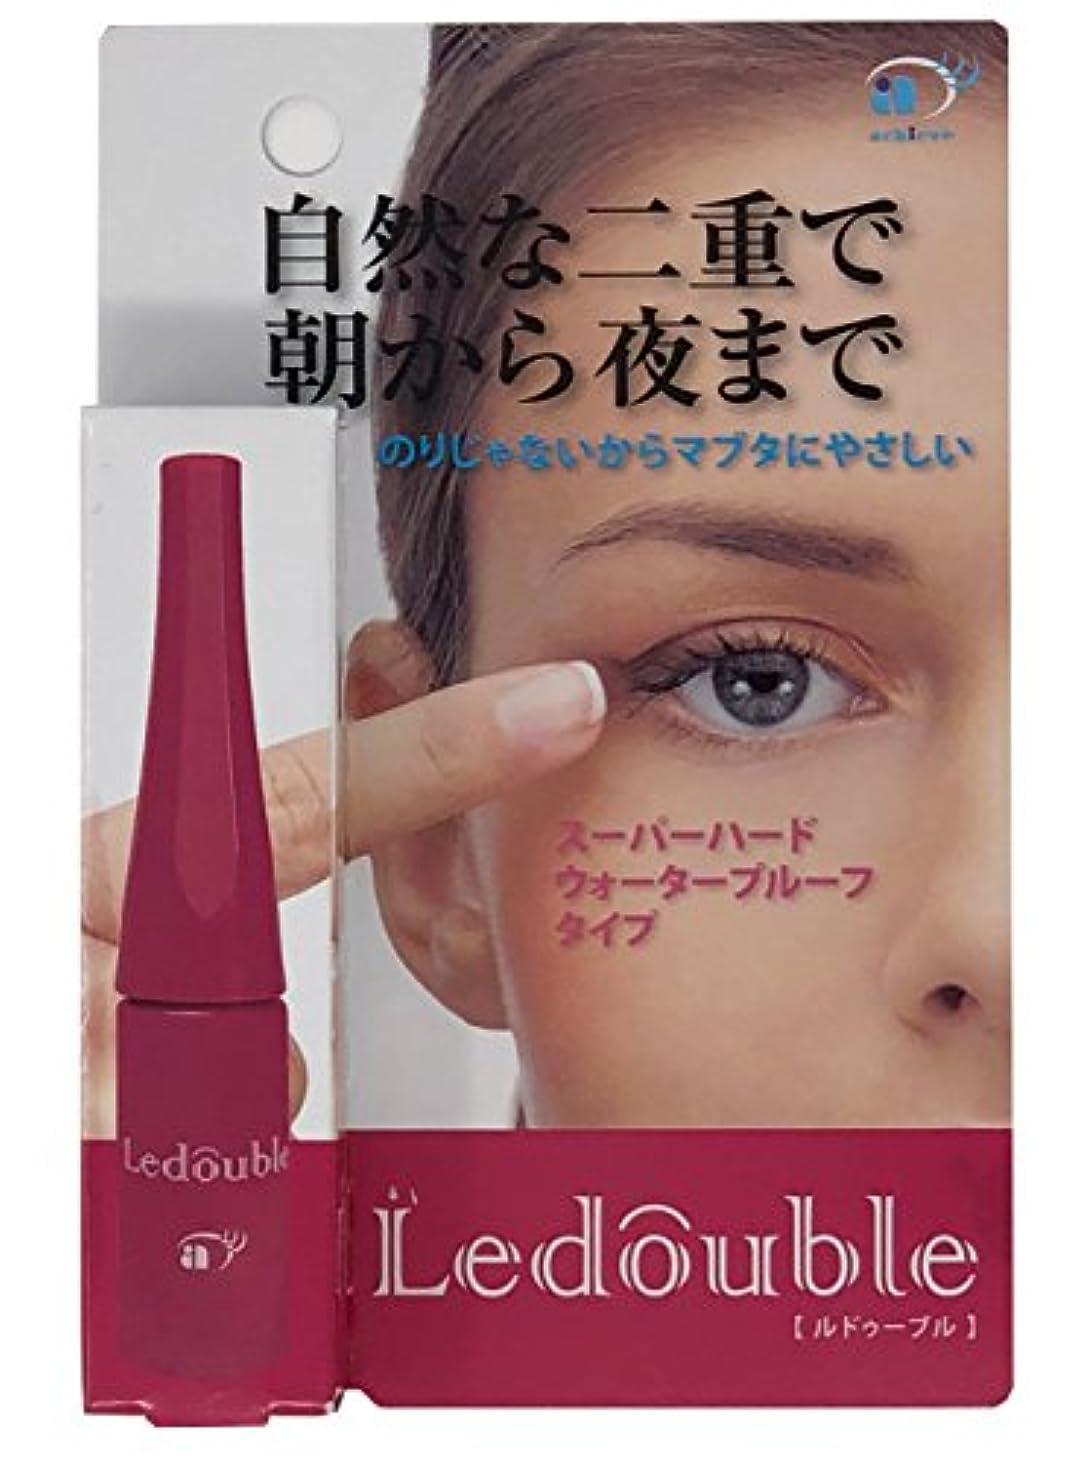 化学薬品みメンテナンスLedouble [ルドゥーブル] 二重まぶた化粧品 (4mL) 限定200%増量